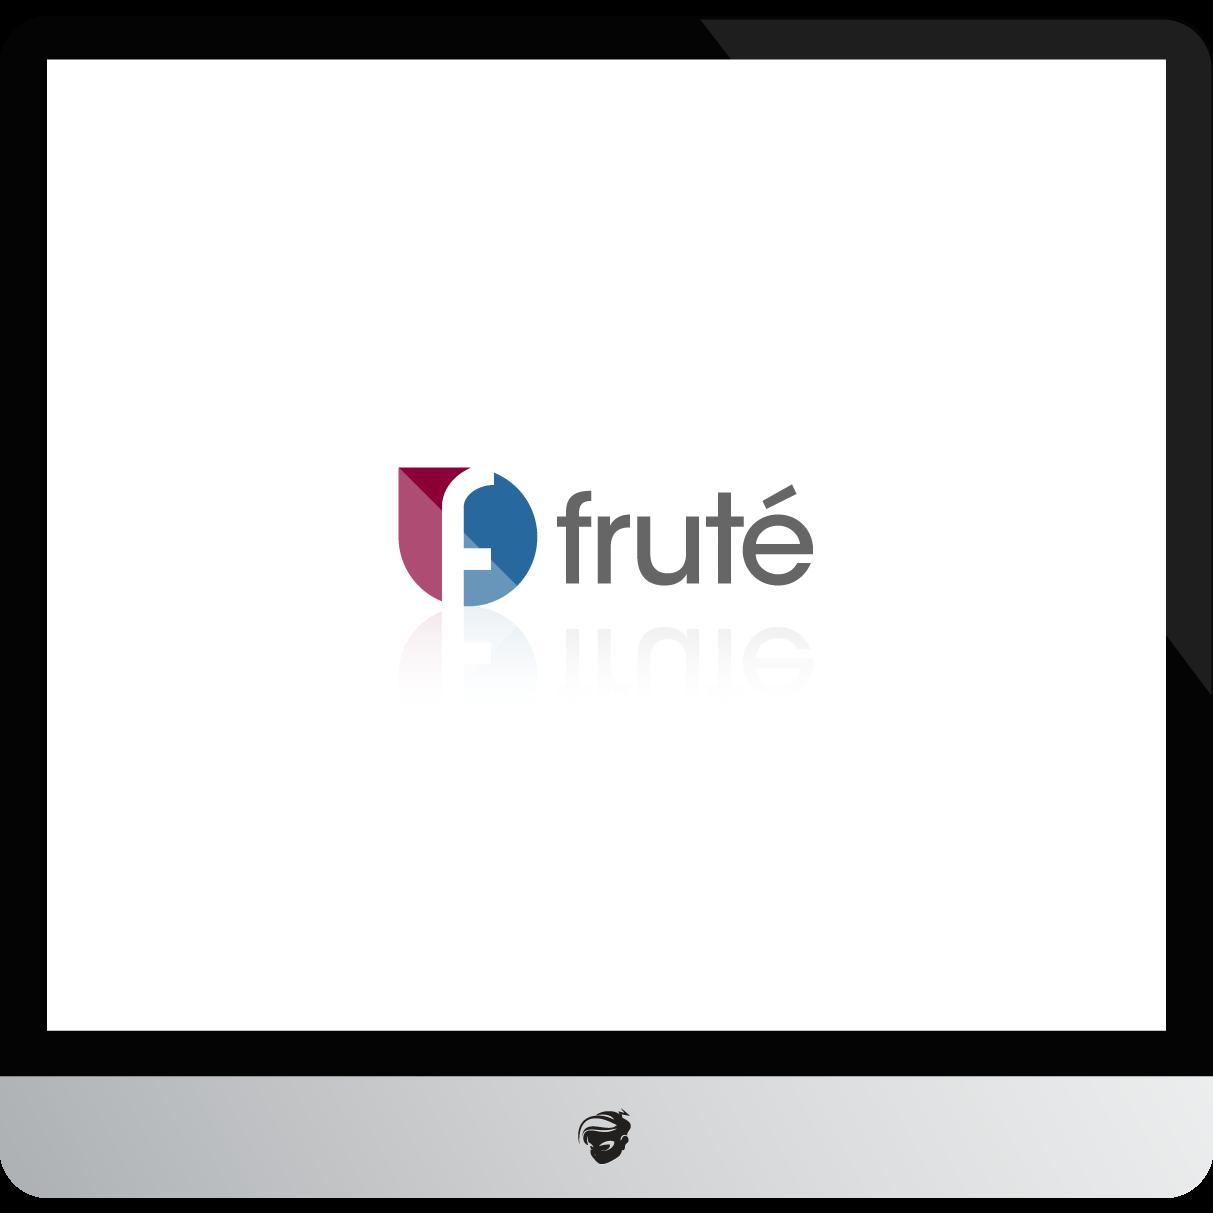 Logo Design by zesthar - Entry No. 83 in the Logo Design Contest Imaginative Logo Design for Fruté.